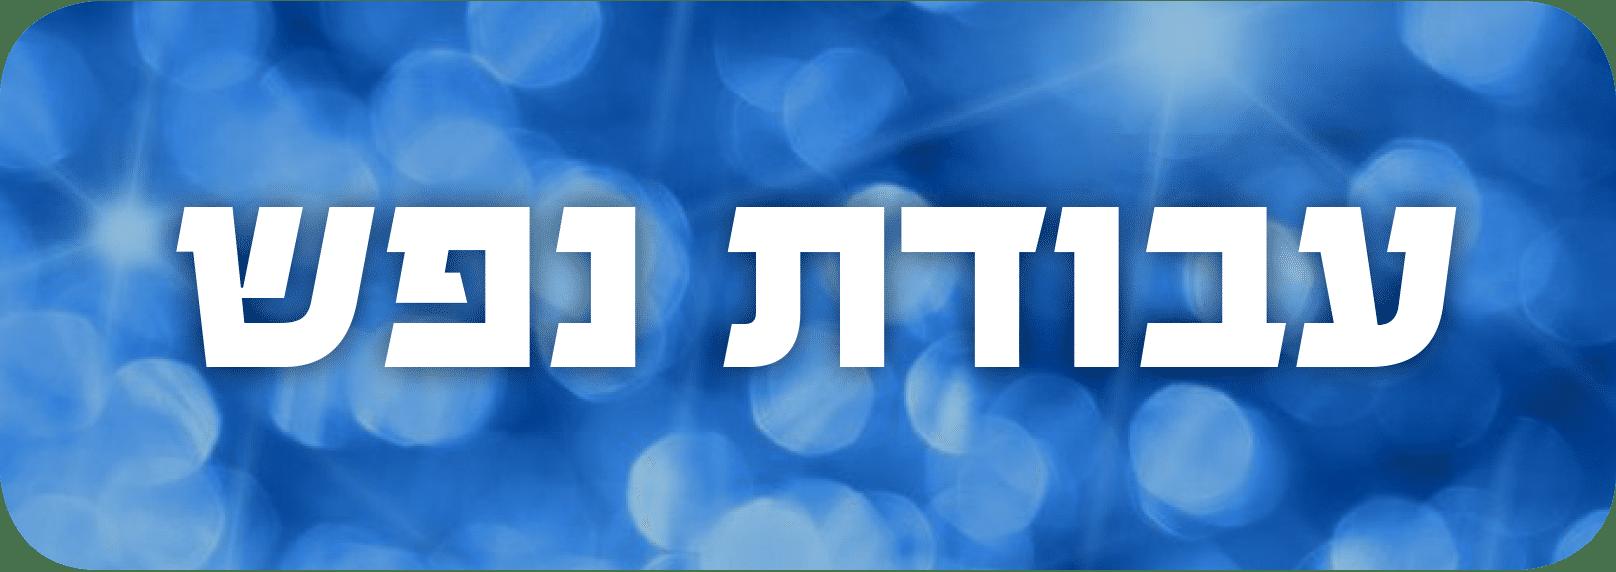 nefesh bullet no logo